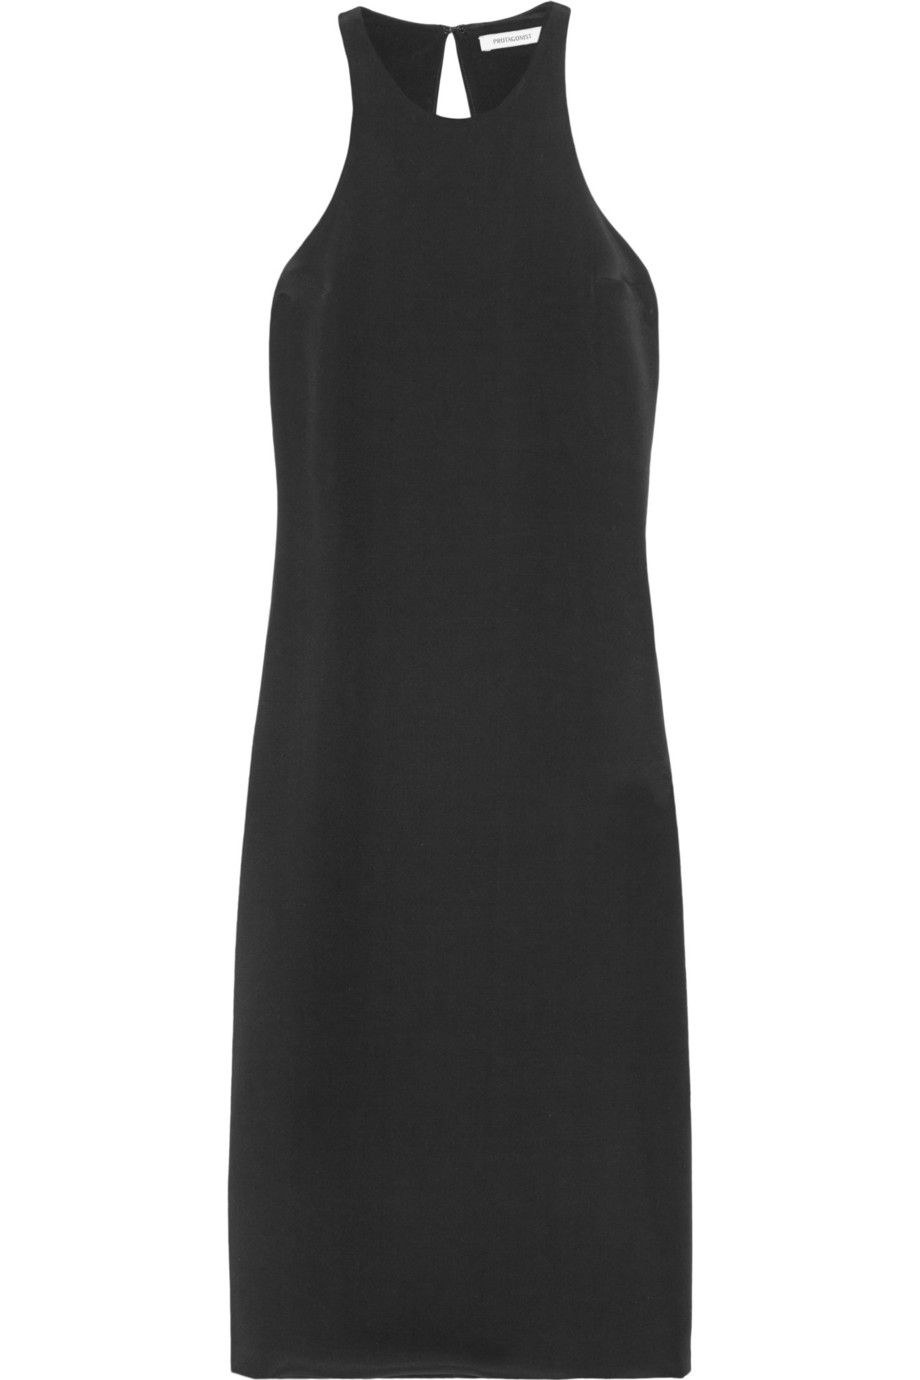 8389a4c0a5822 PROTAGONIST Silk-satin dress. #protagonist #cloth #dress | Protagonist